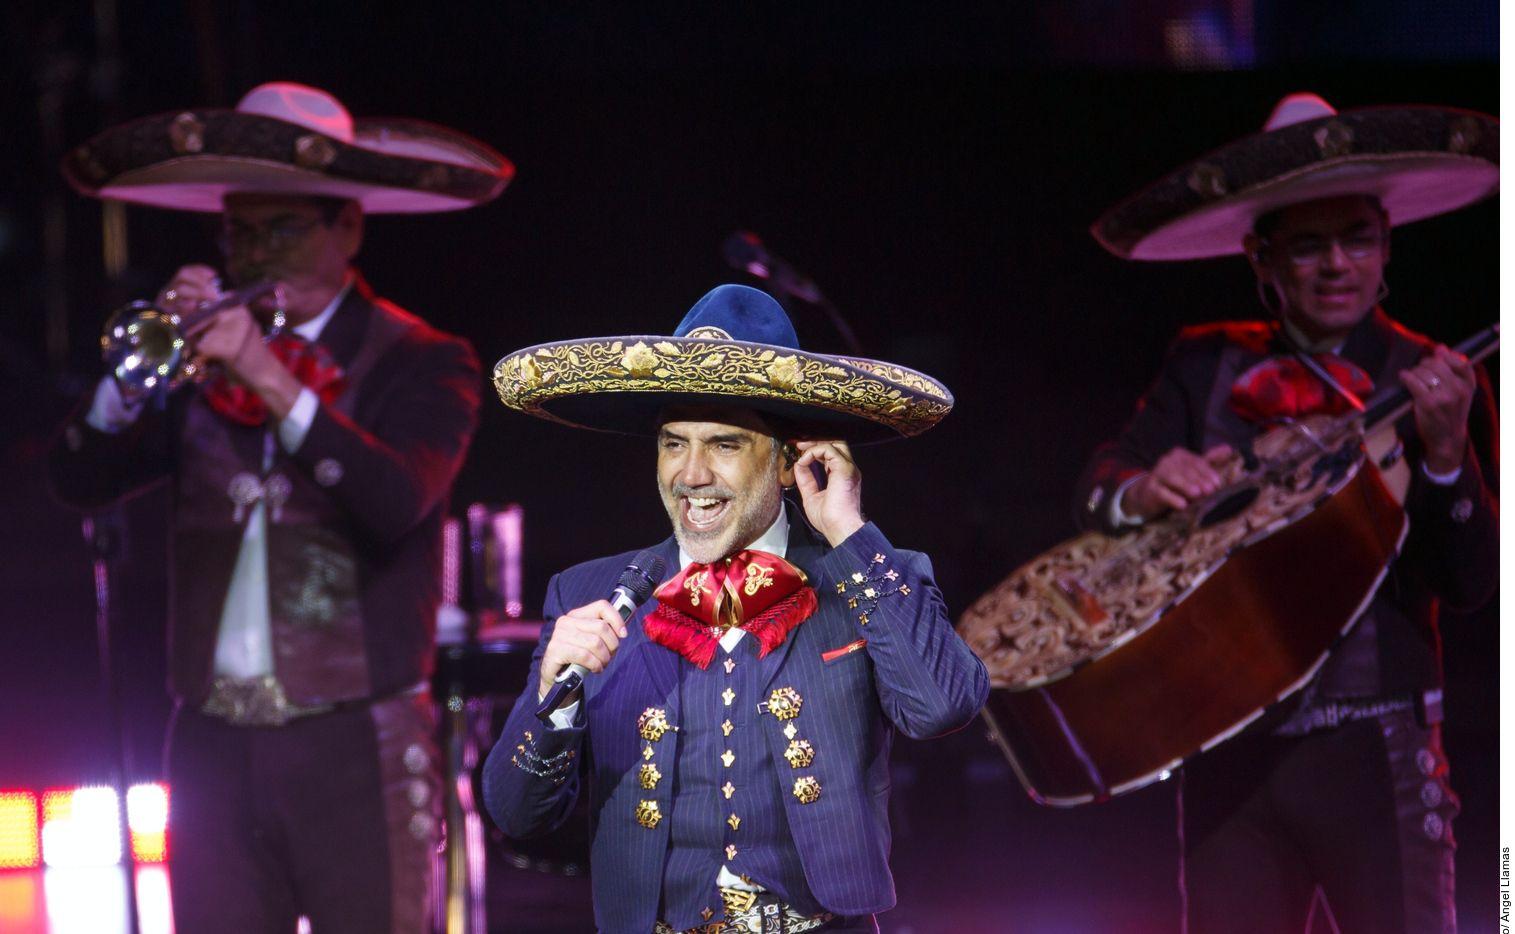 """Alejandro Fernández dijo que """"le vale"""" lo que se diga de su padre, Chente, sobre su rechazo a un trasplante por si el donante era gay. Foto de Agencia Reforma"""